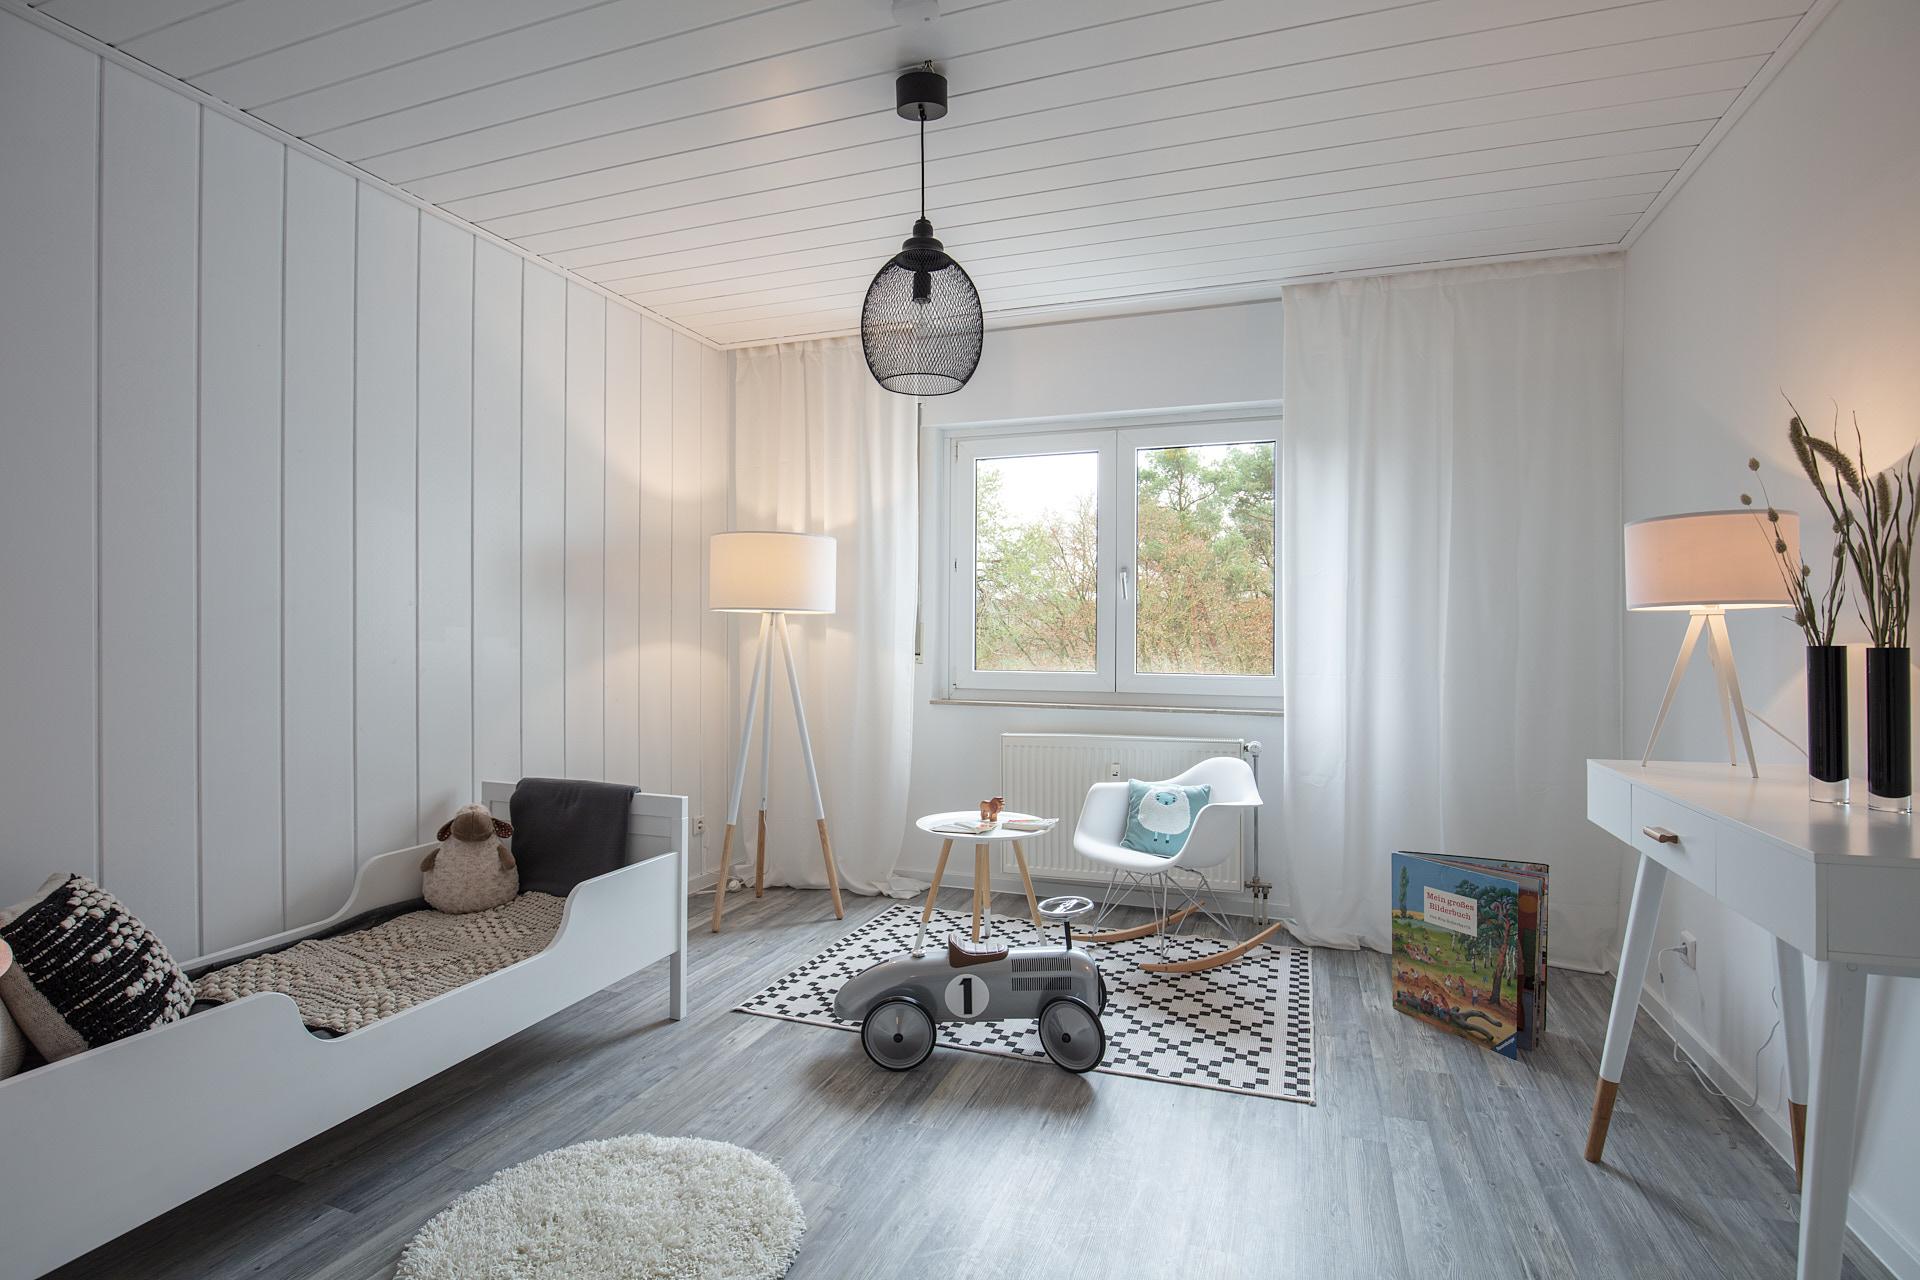 Stylisch eingerichtetes Kinderzimmer mit farblich aufeinander abgestimmten Möbeln.